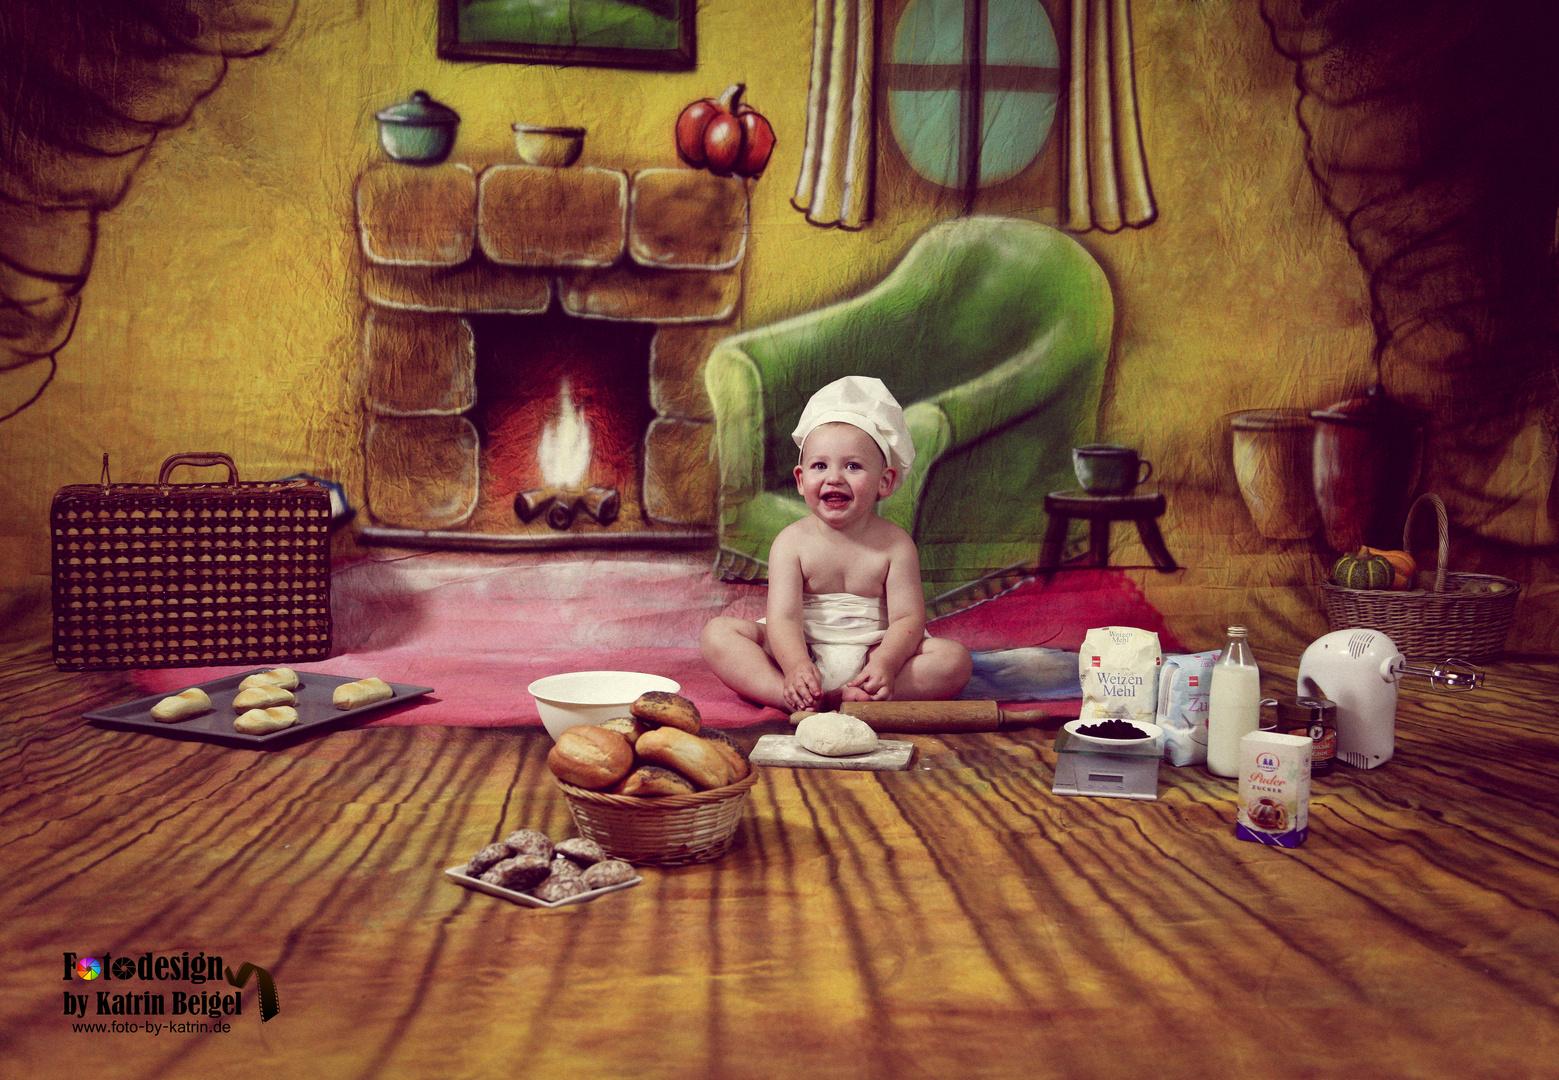 Kleiner Bäcker